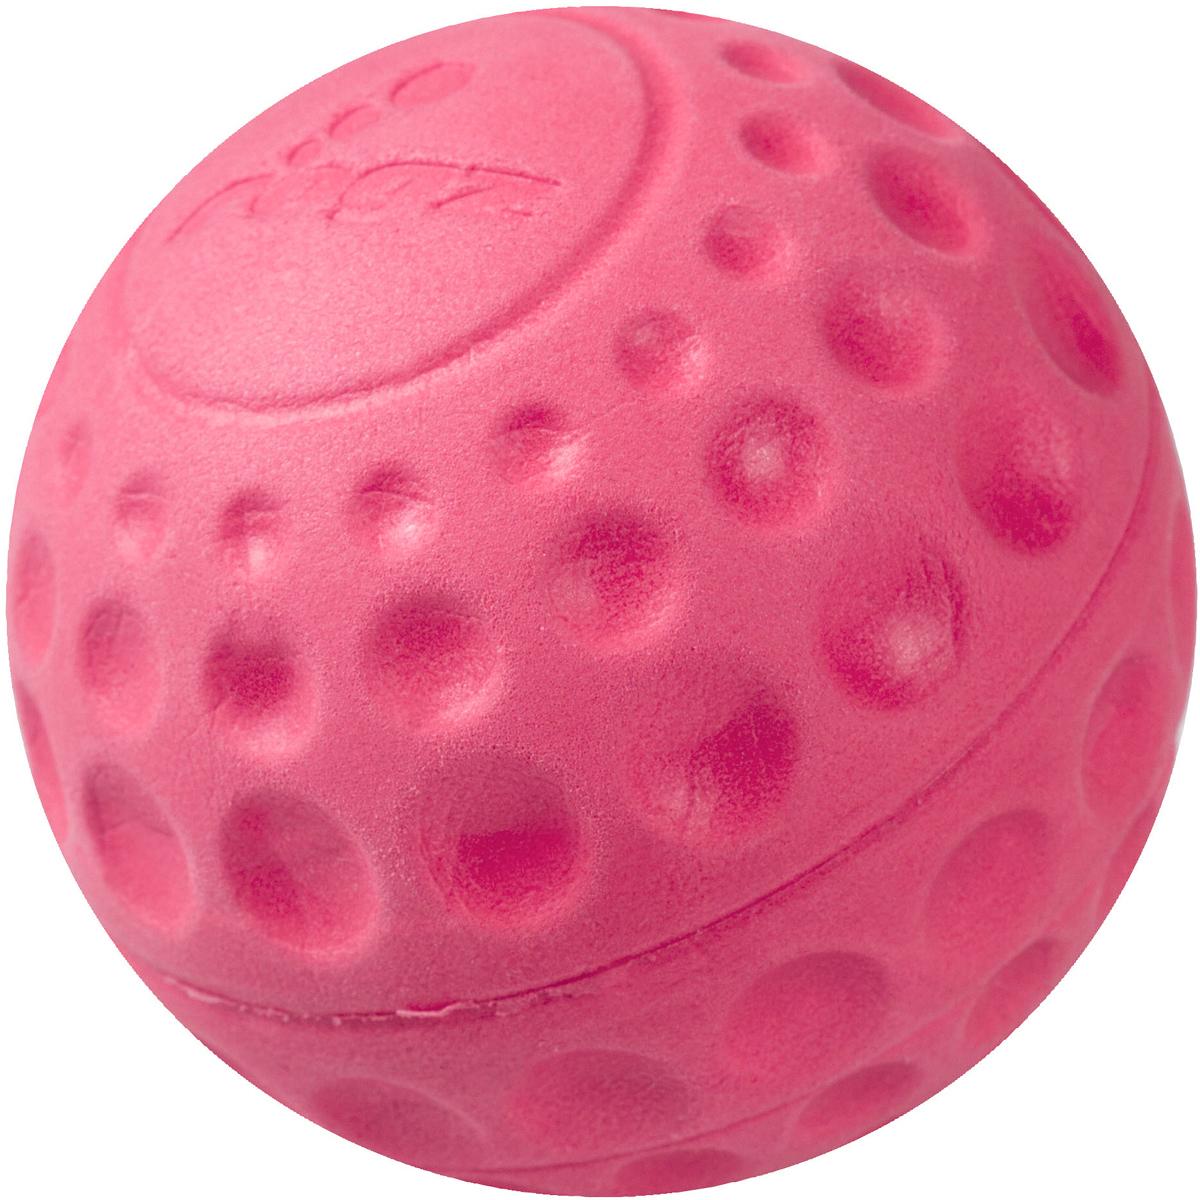 Игрушка для собак Rogz Asteroidz, цвет: розовый, диаметр 7,8 смAS04KМяч для собак Rogz Asteroidz предназначен для игры с хозяином Принеси.Мяч имеет небольшой вес, не травмирует десны, не повреждает зубы, удобно носить в пасти.Отличная упругость для подпрыгивания.Изготовлено из особого термоэластопласта Sebs, обеспечивающего великолепную плавучесть в воде, поэтому игрушка отлично подходит для игры в водоеме. Материал изделия: EVA (этиленвинилацетат) - легкий мелкопористый материал, похожий на застывшую пену.Не токсичен.